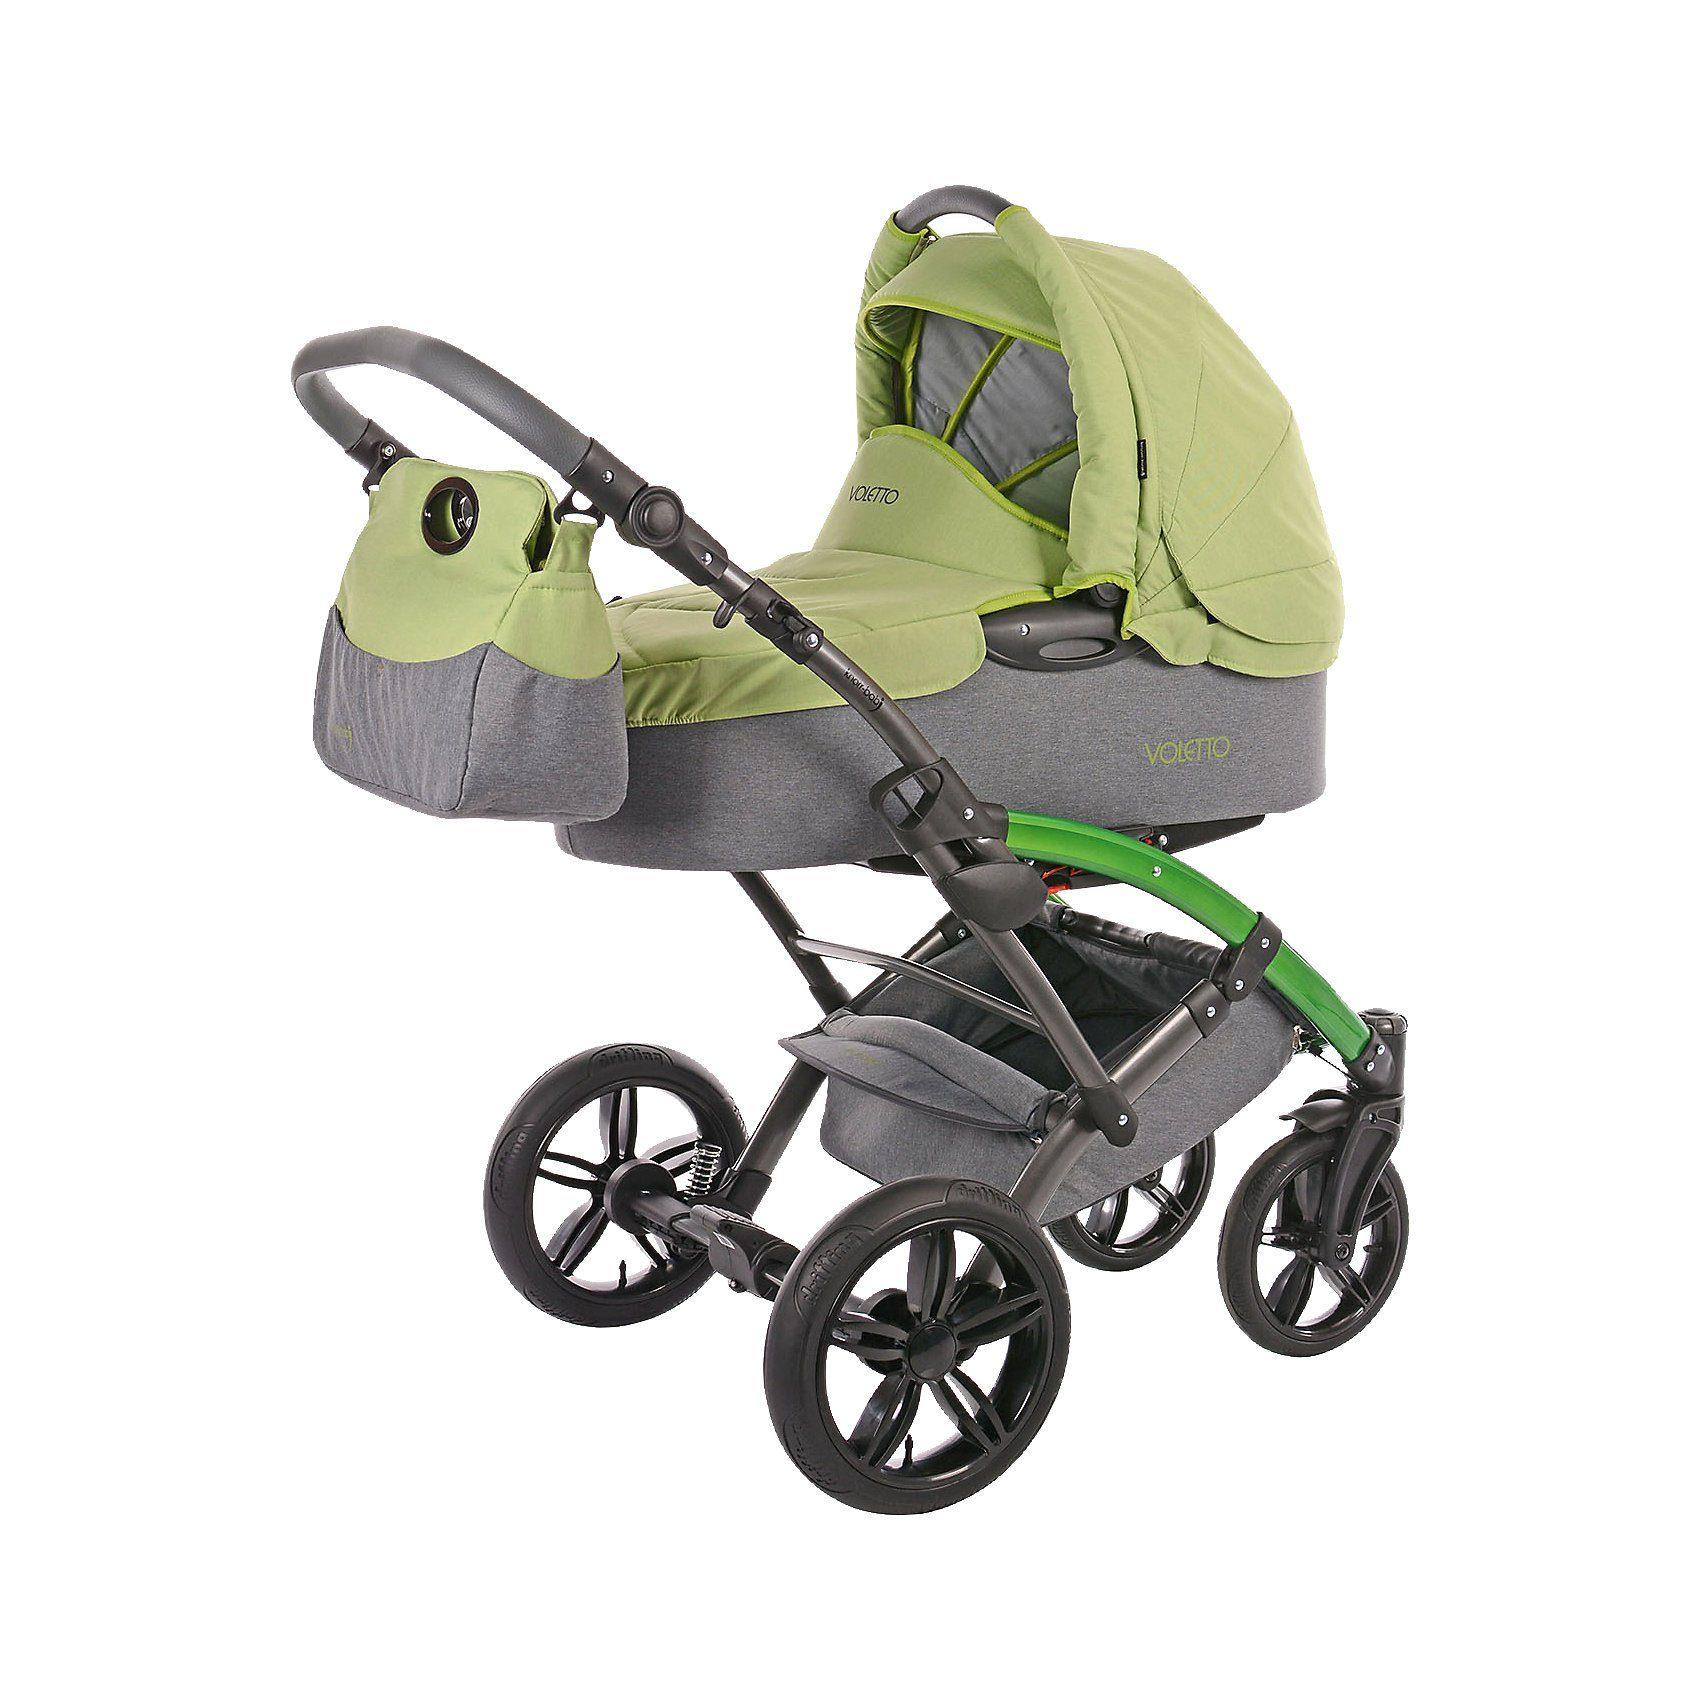 knorr-baby Kombi Kinderwagen Voletto Happy Colour mit Wickeltasche, gra